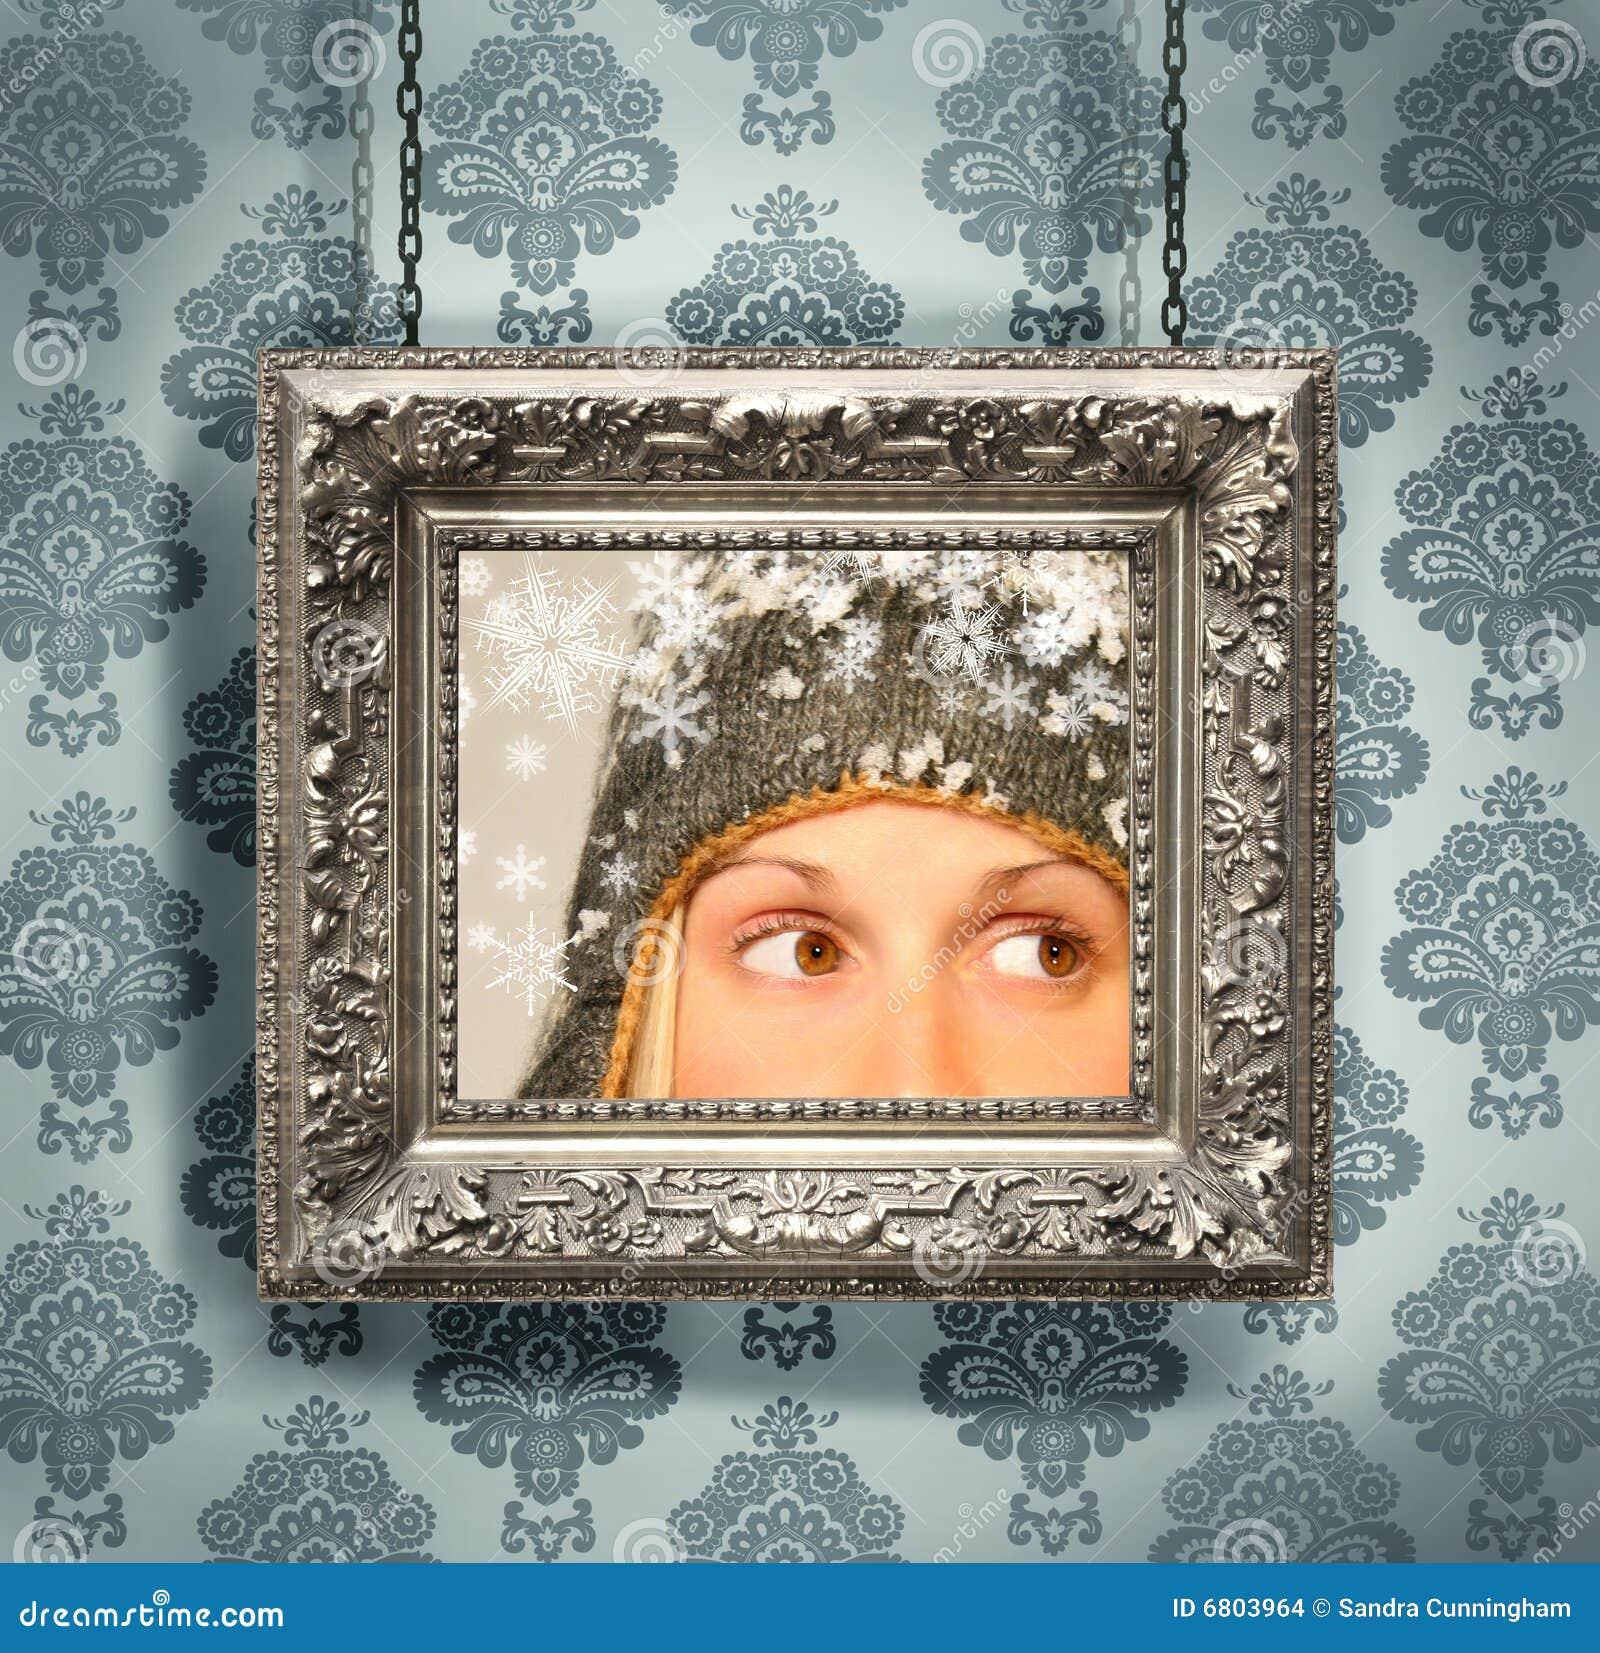 cadre de tableau argent contre le papier peint floral images stock image 6803964. Black Bedroom Furniture Sets. Home Design Ideas